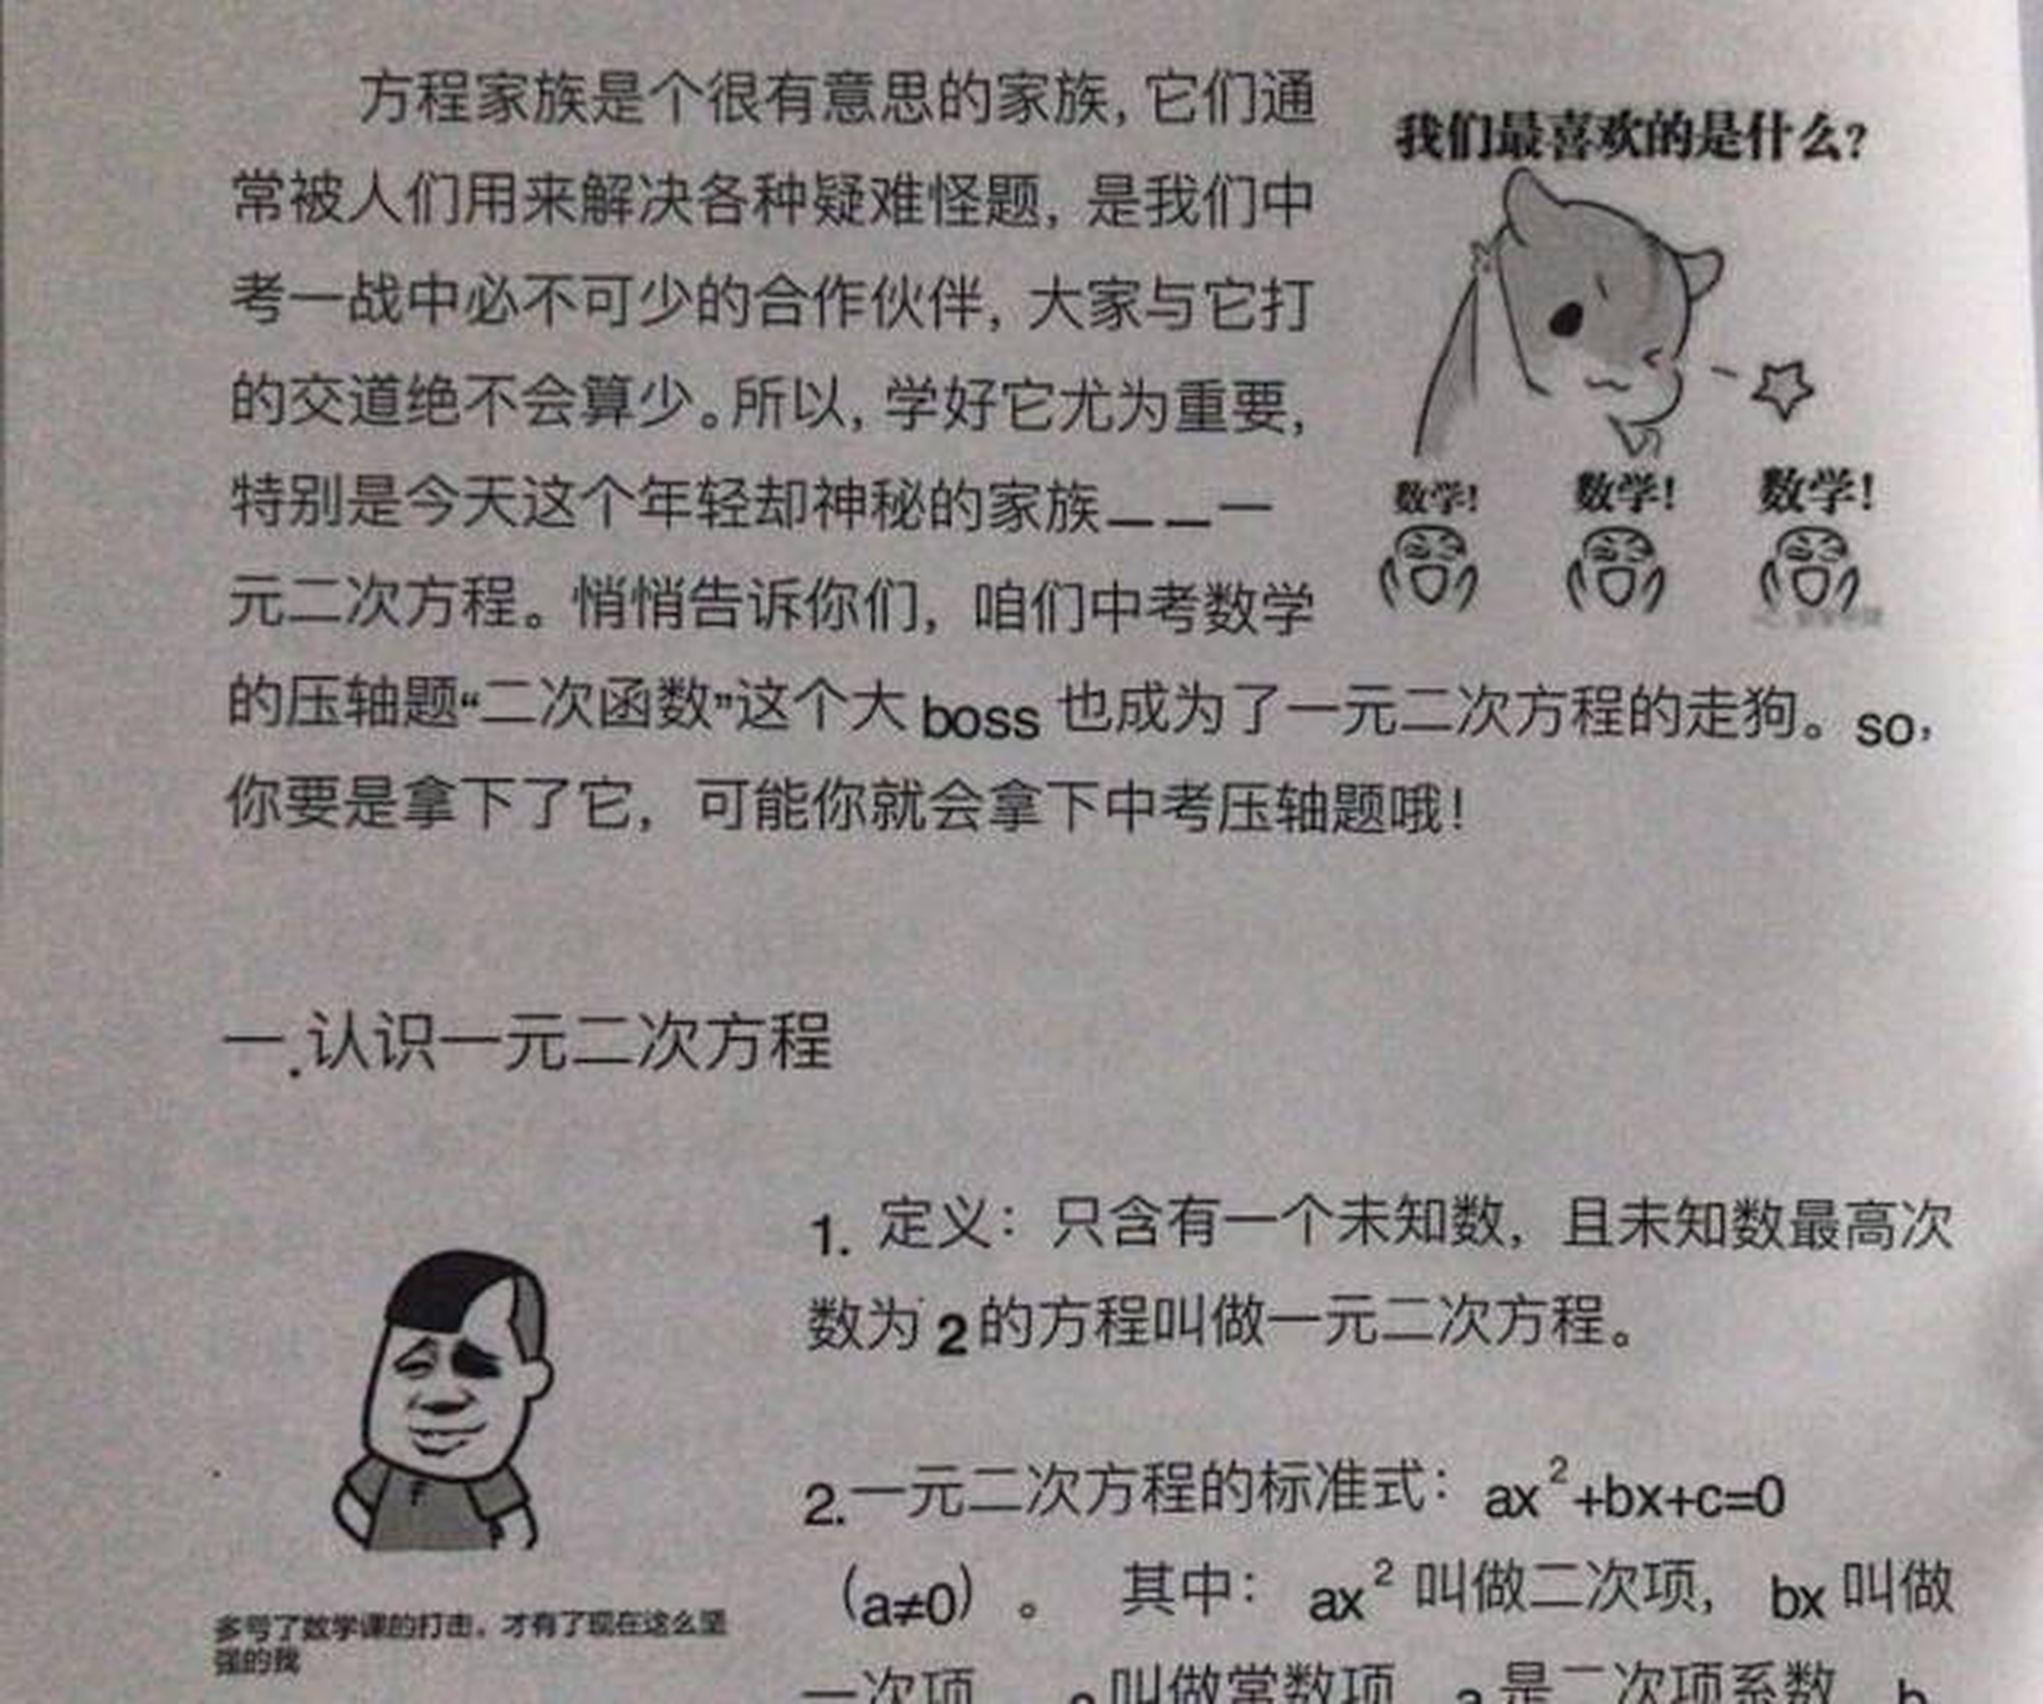 書上加入了有趣的提神表情包。(取材自中國新聞網)